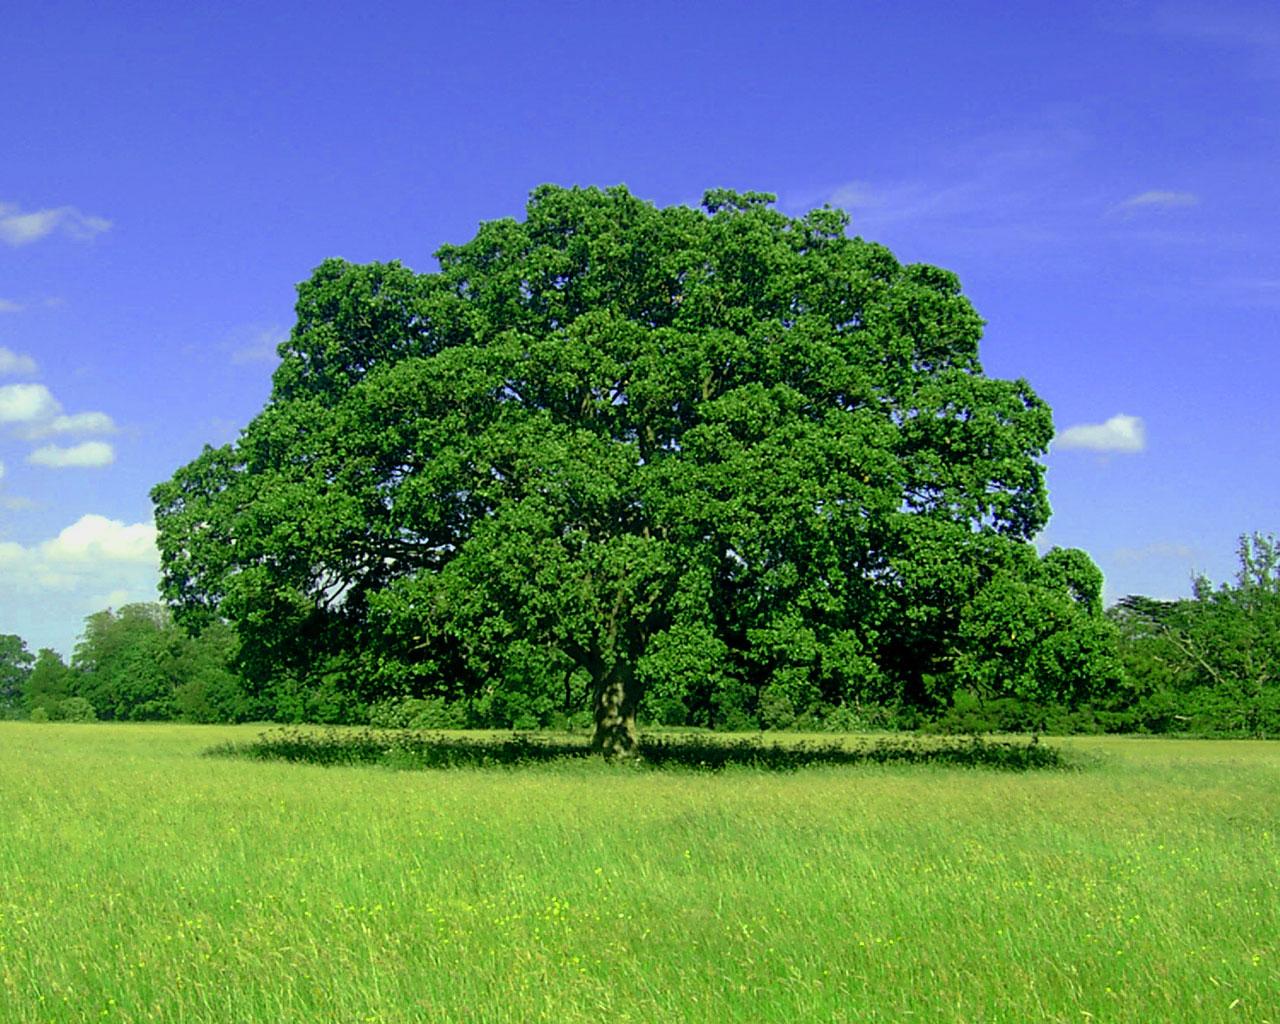 детали красивое дерево фото рисунок как-то особенному называют